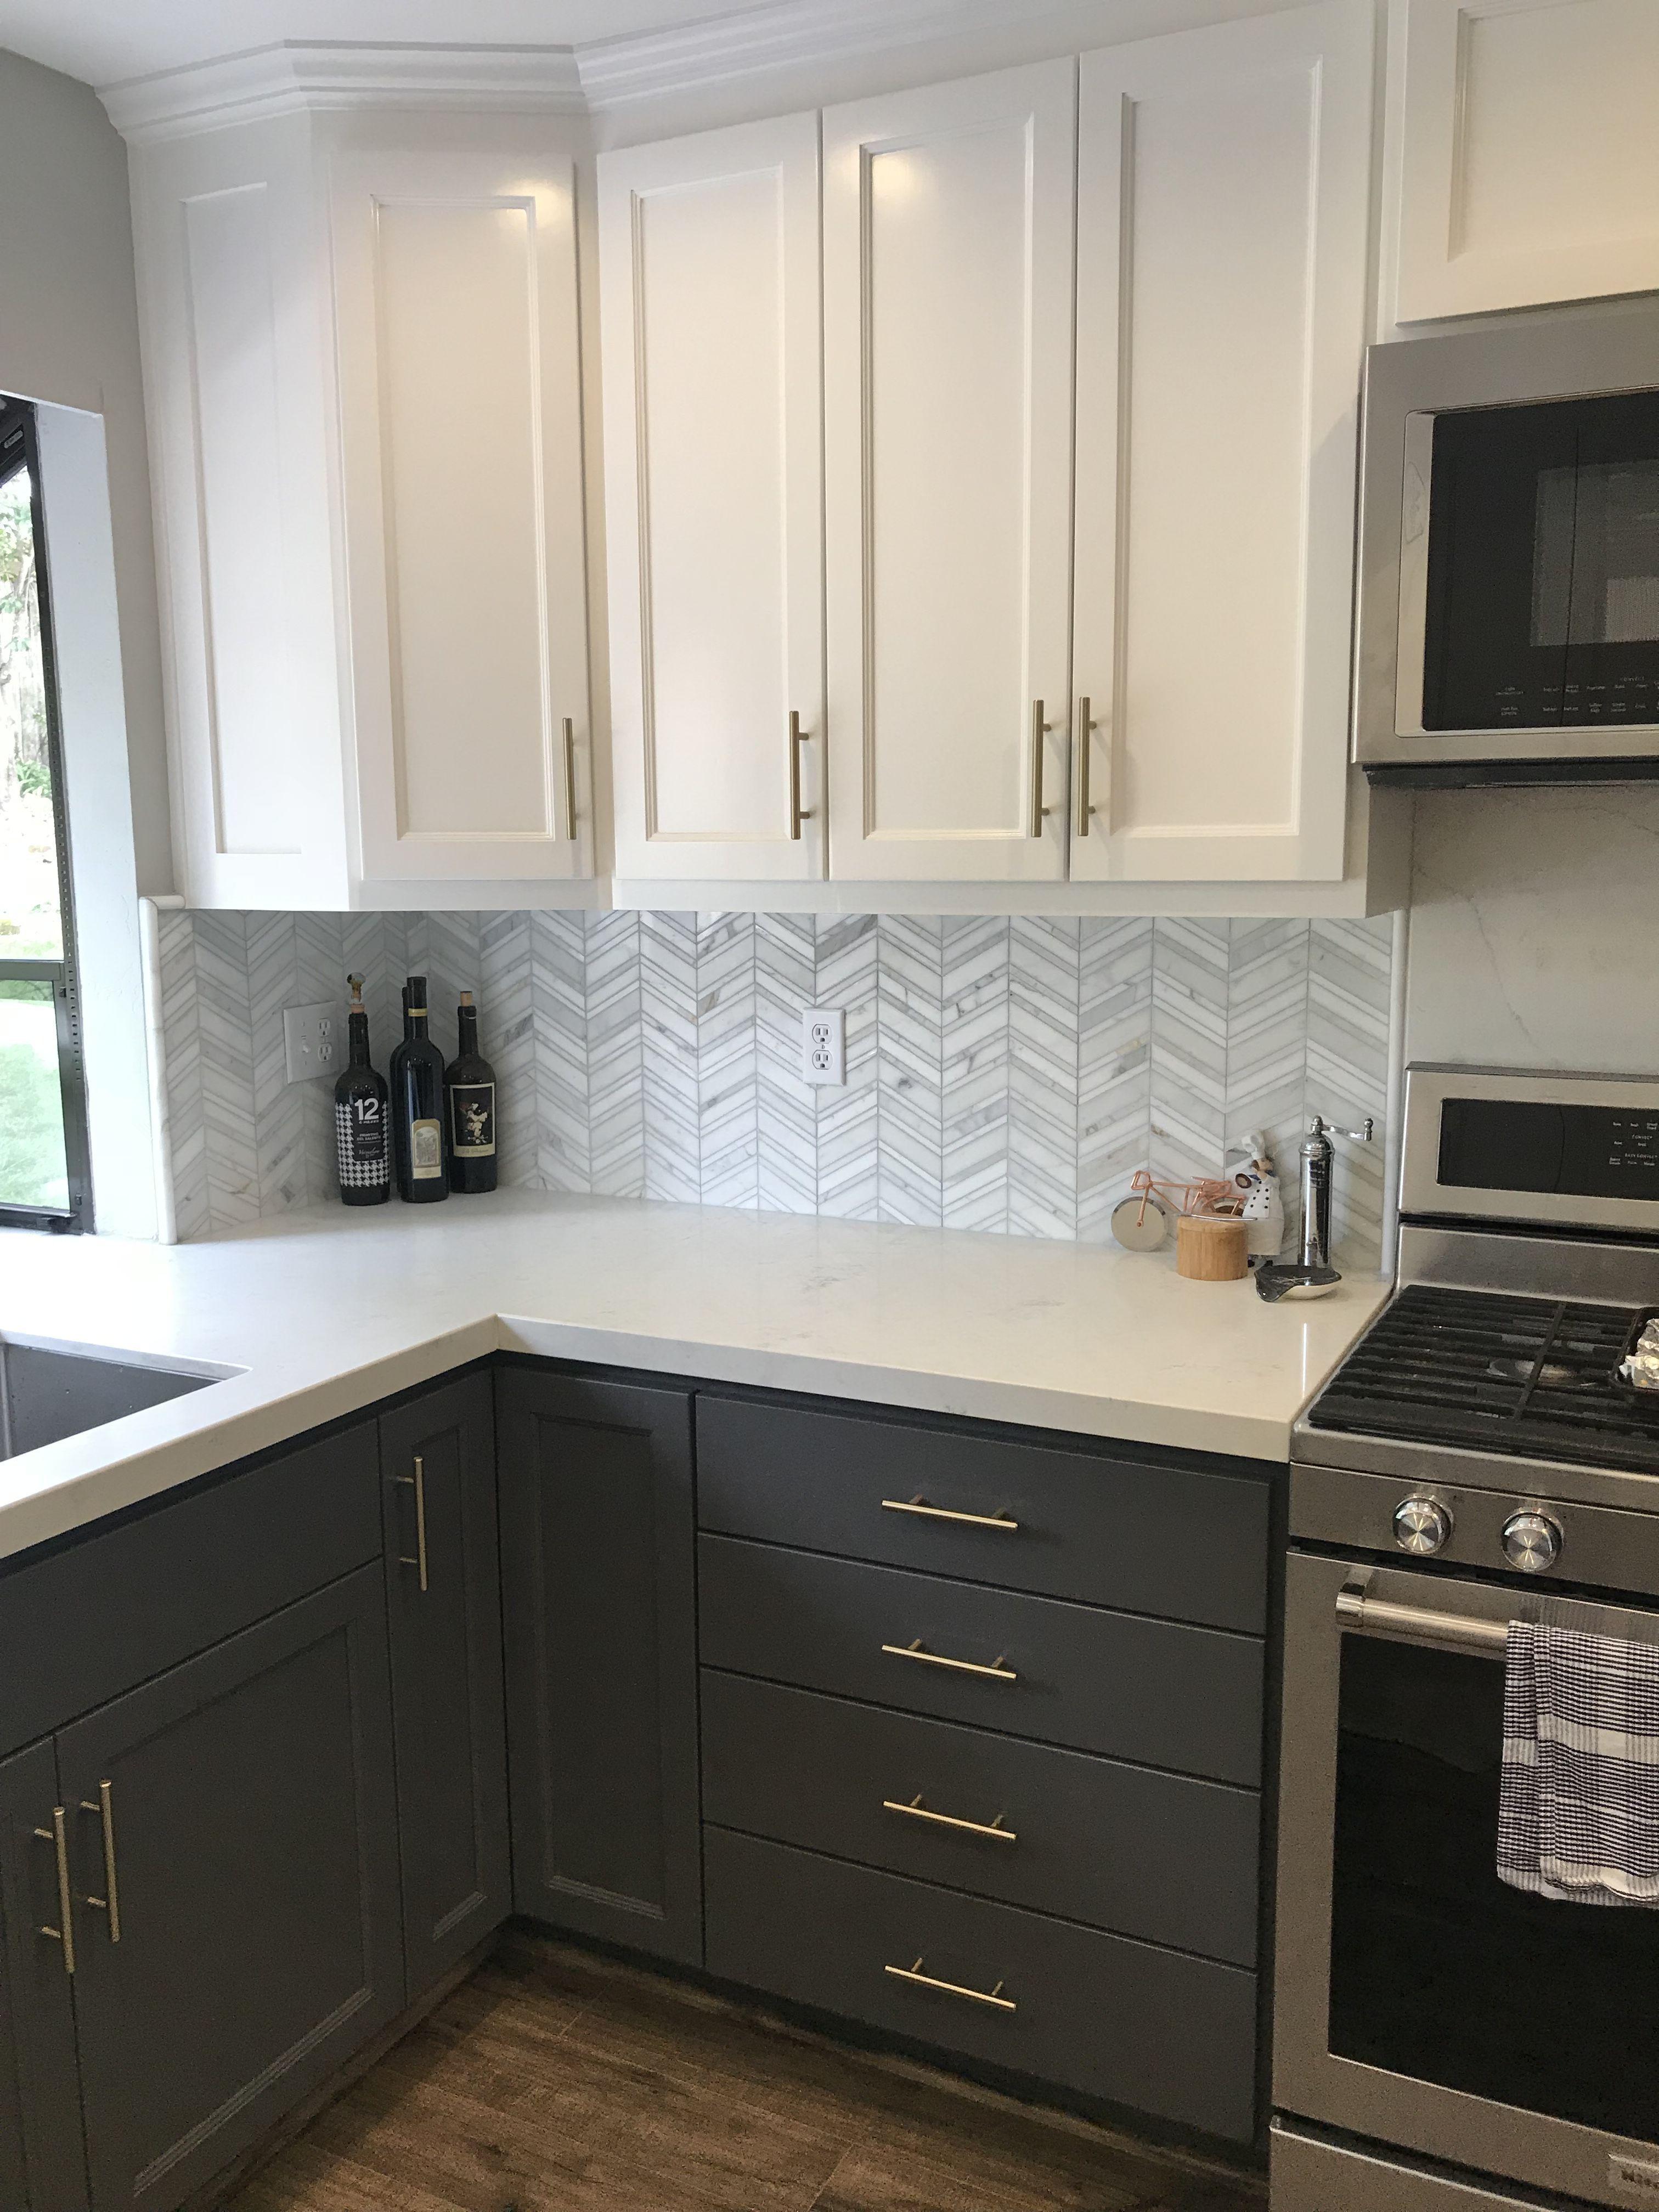 Objets d co en 2019 cuisine grise d co maison cuisines maison et cuisine r nov e - Peinture d armoire de cuisine ...